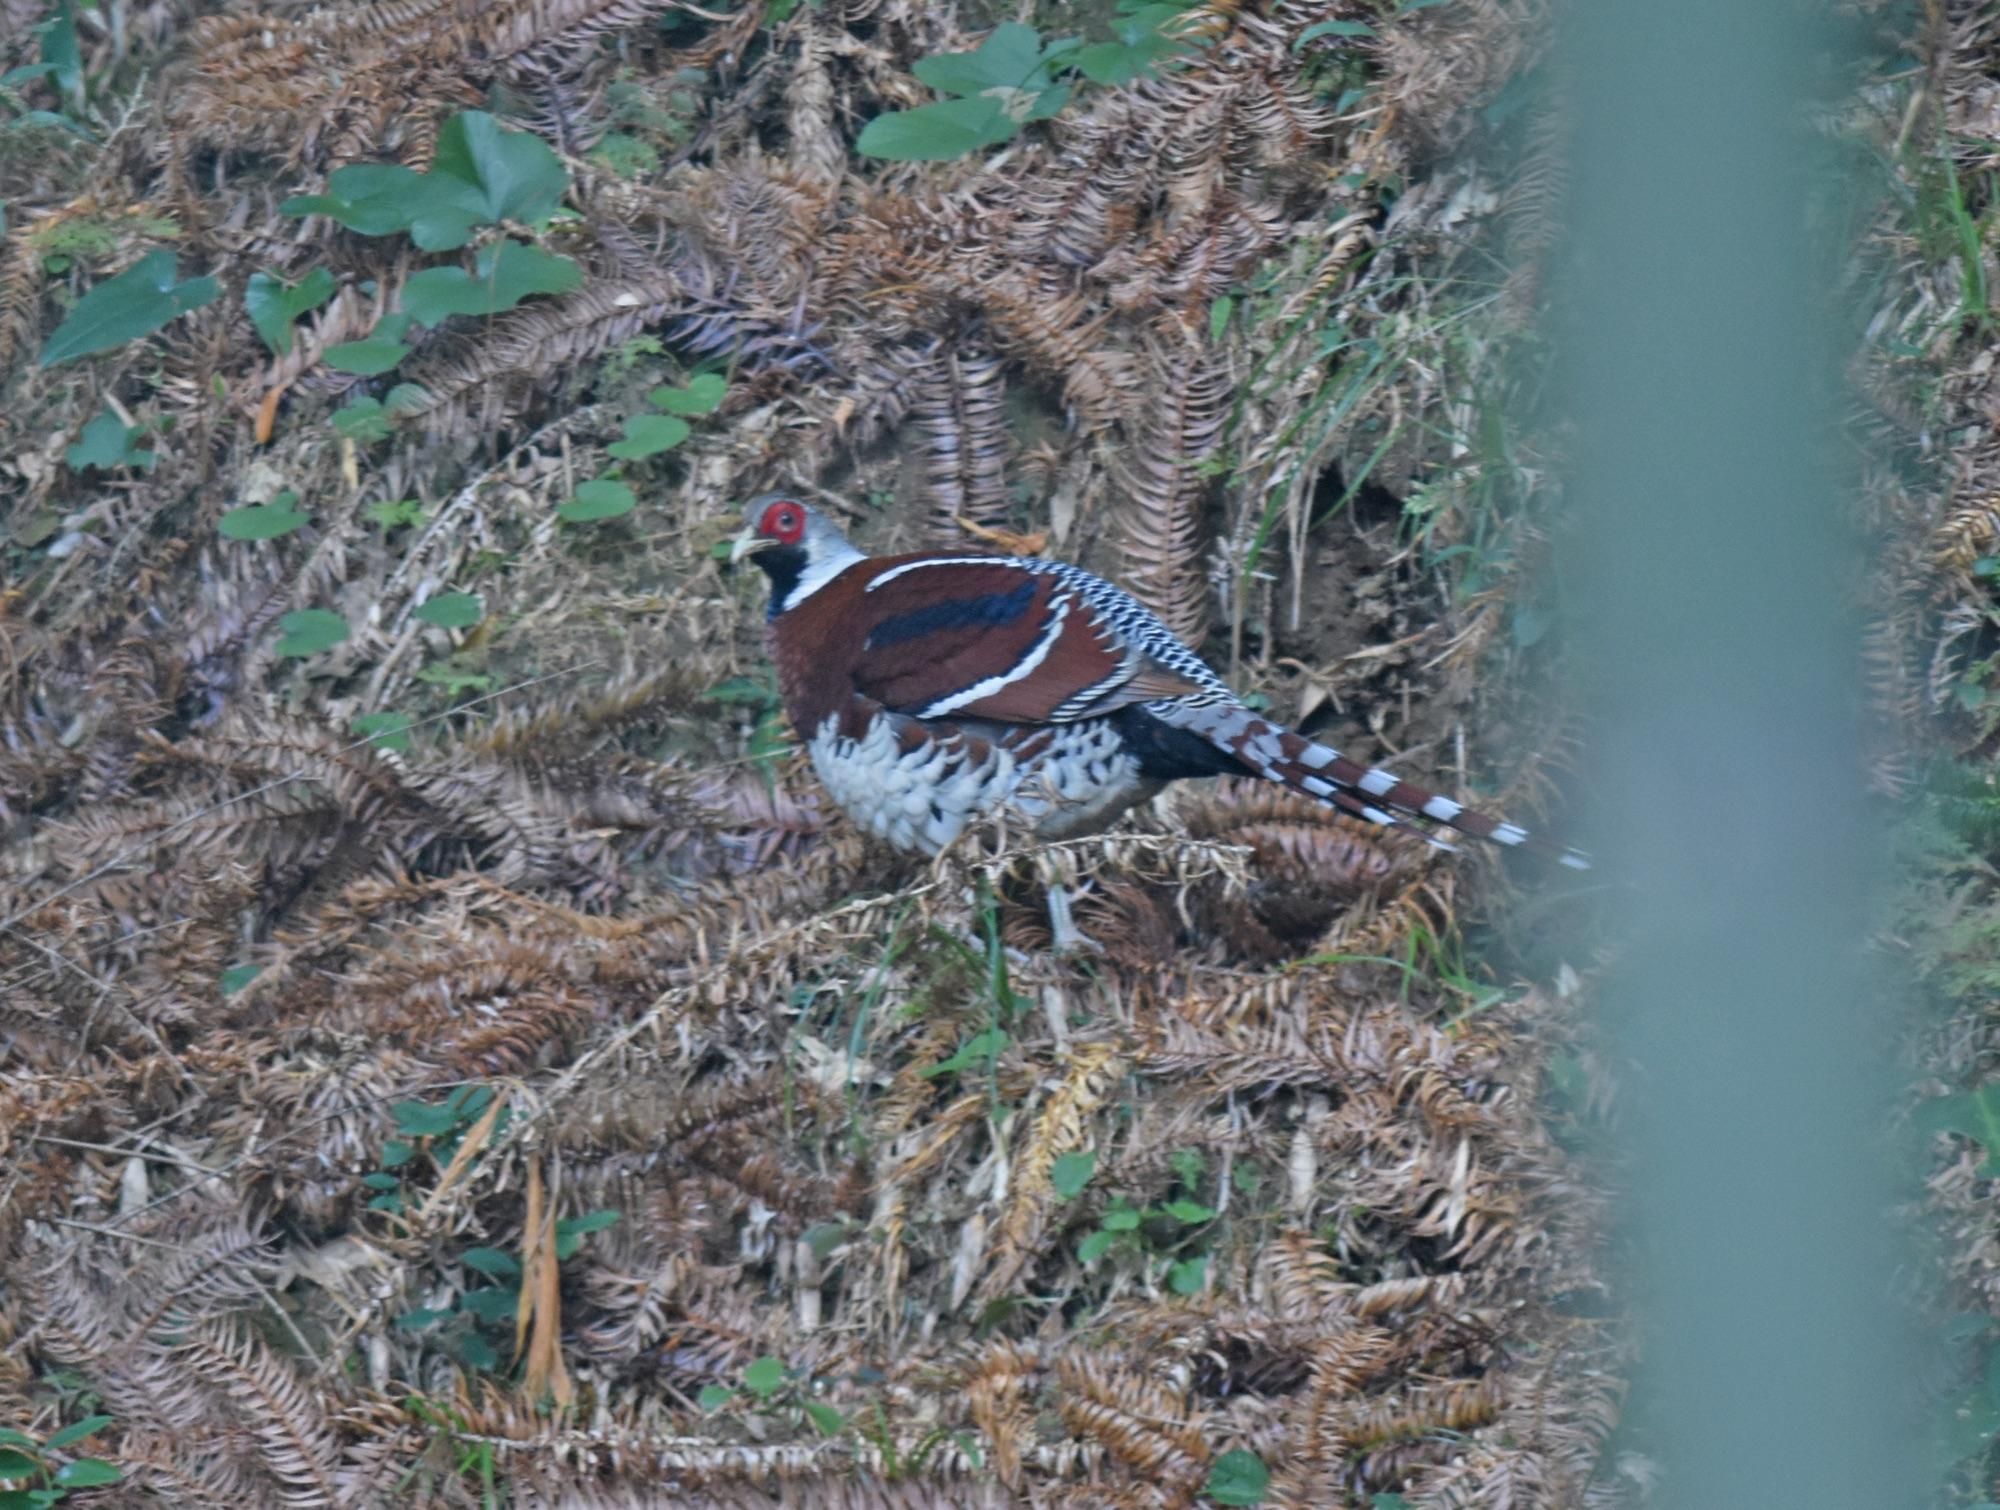 elliott's pheasant